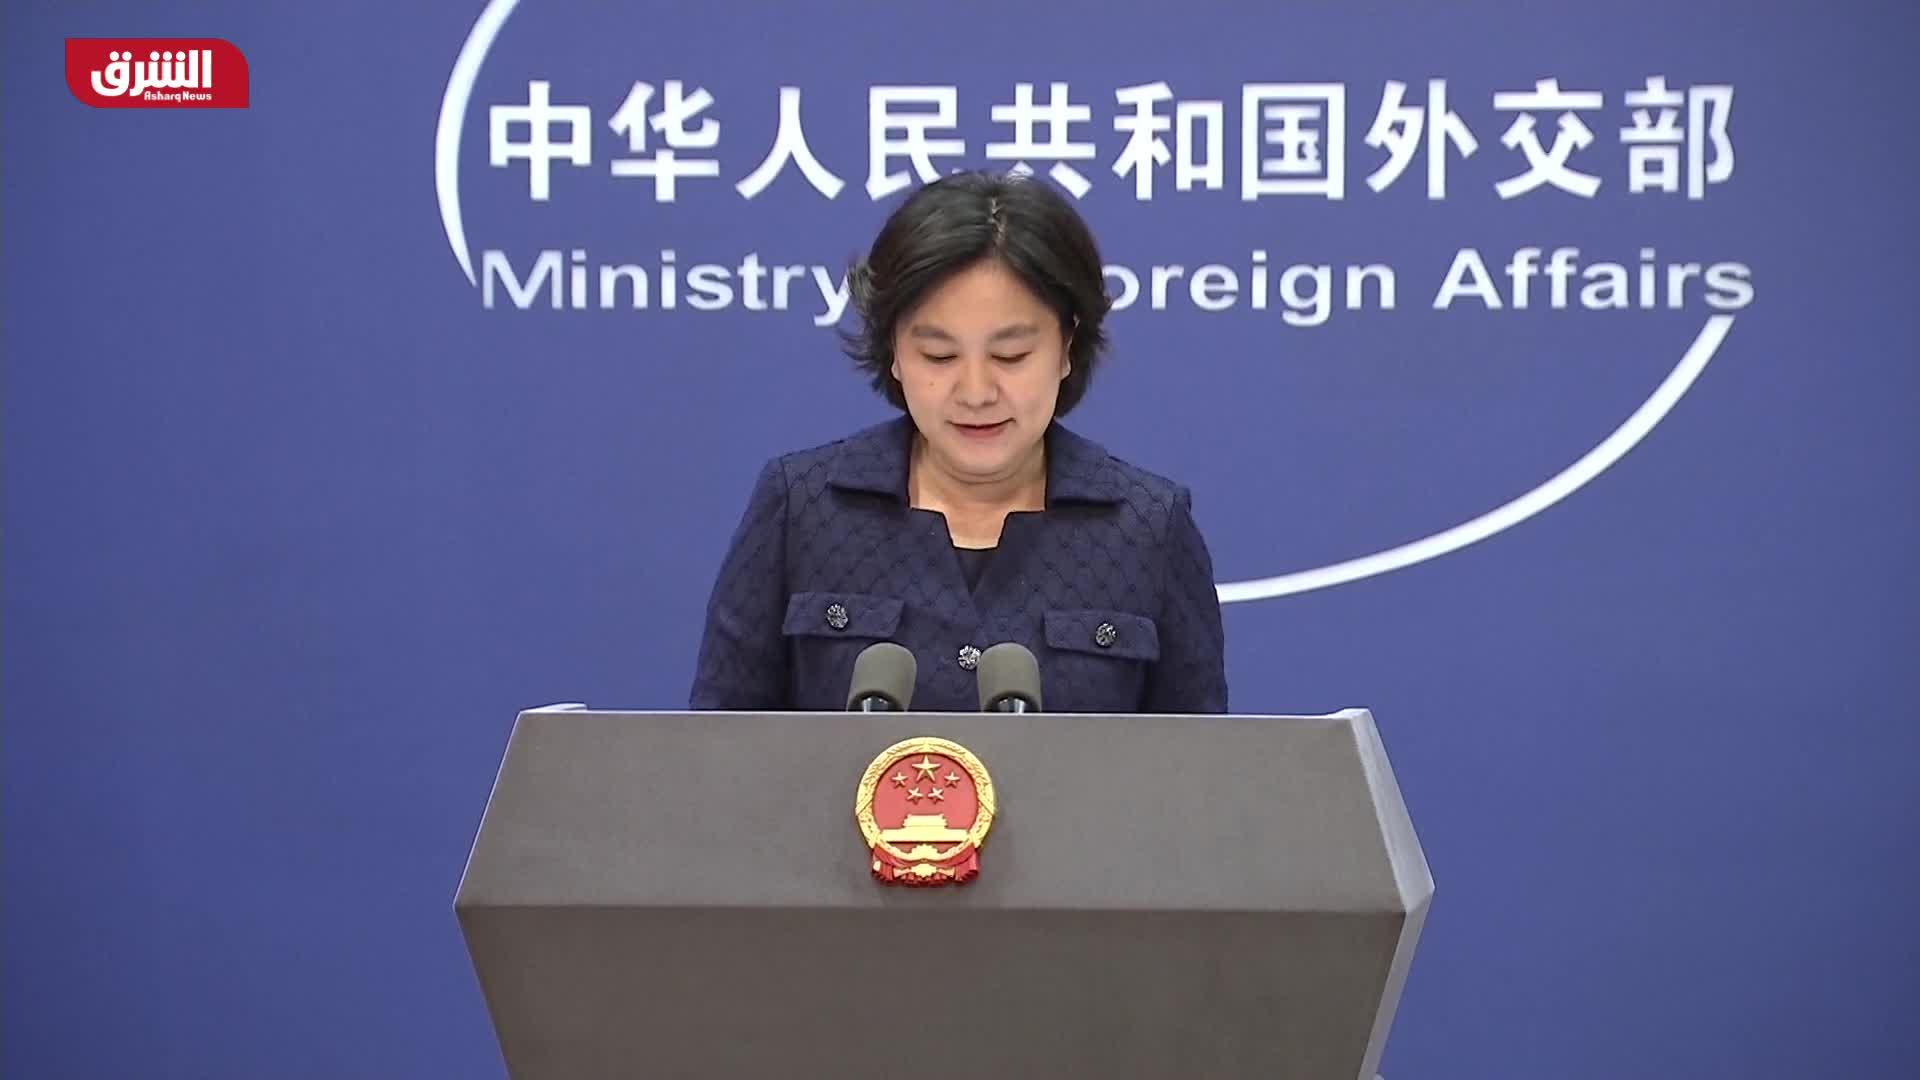 بروكسل وبكين تعقدان جولة حوار استراتيجي